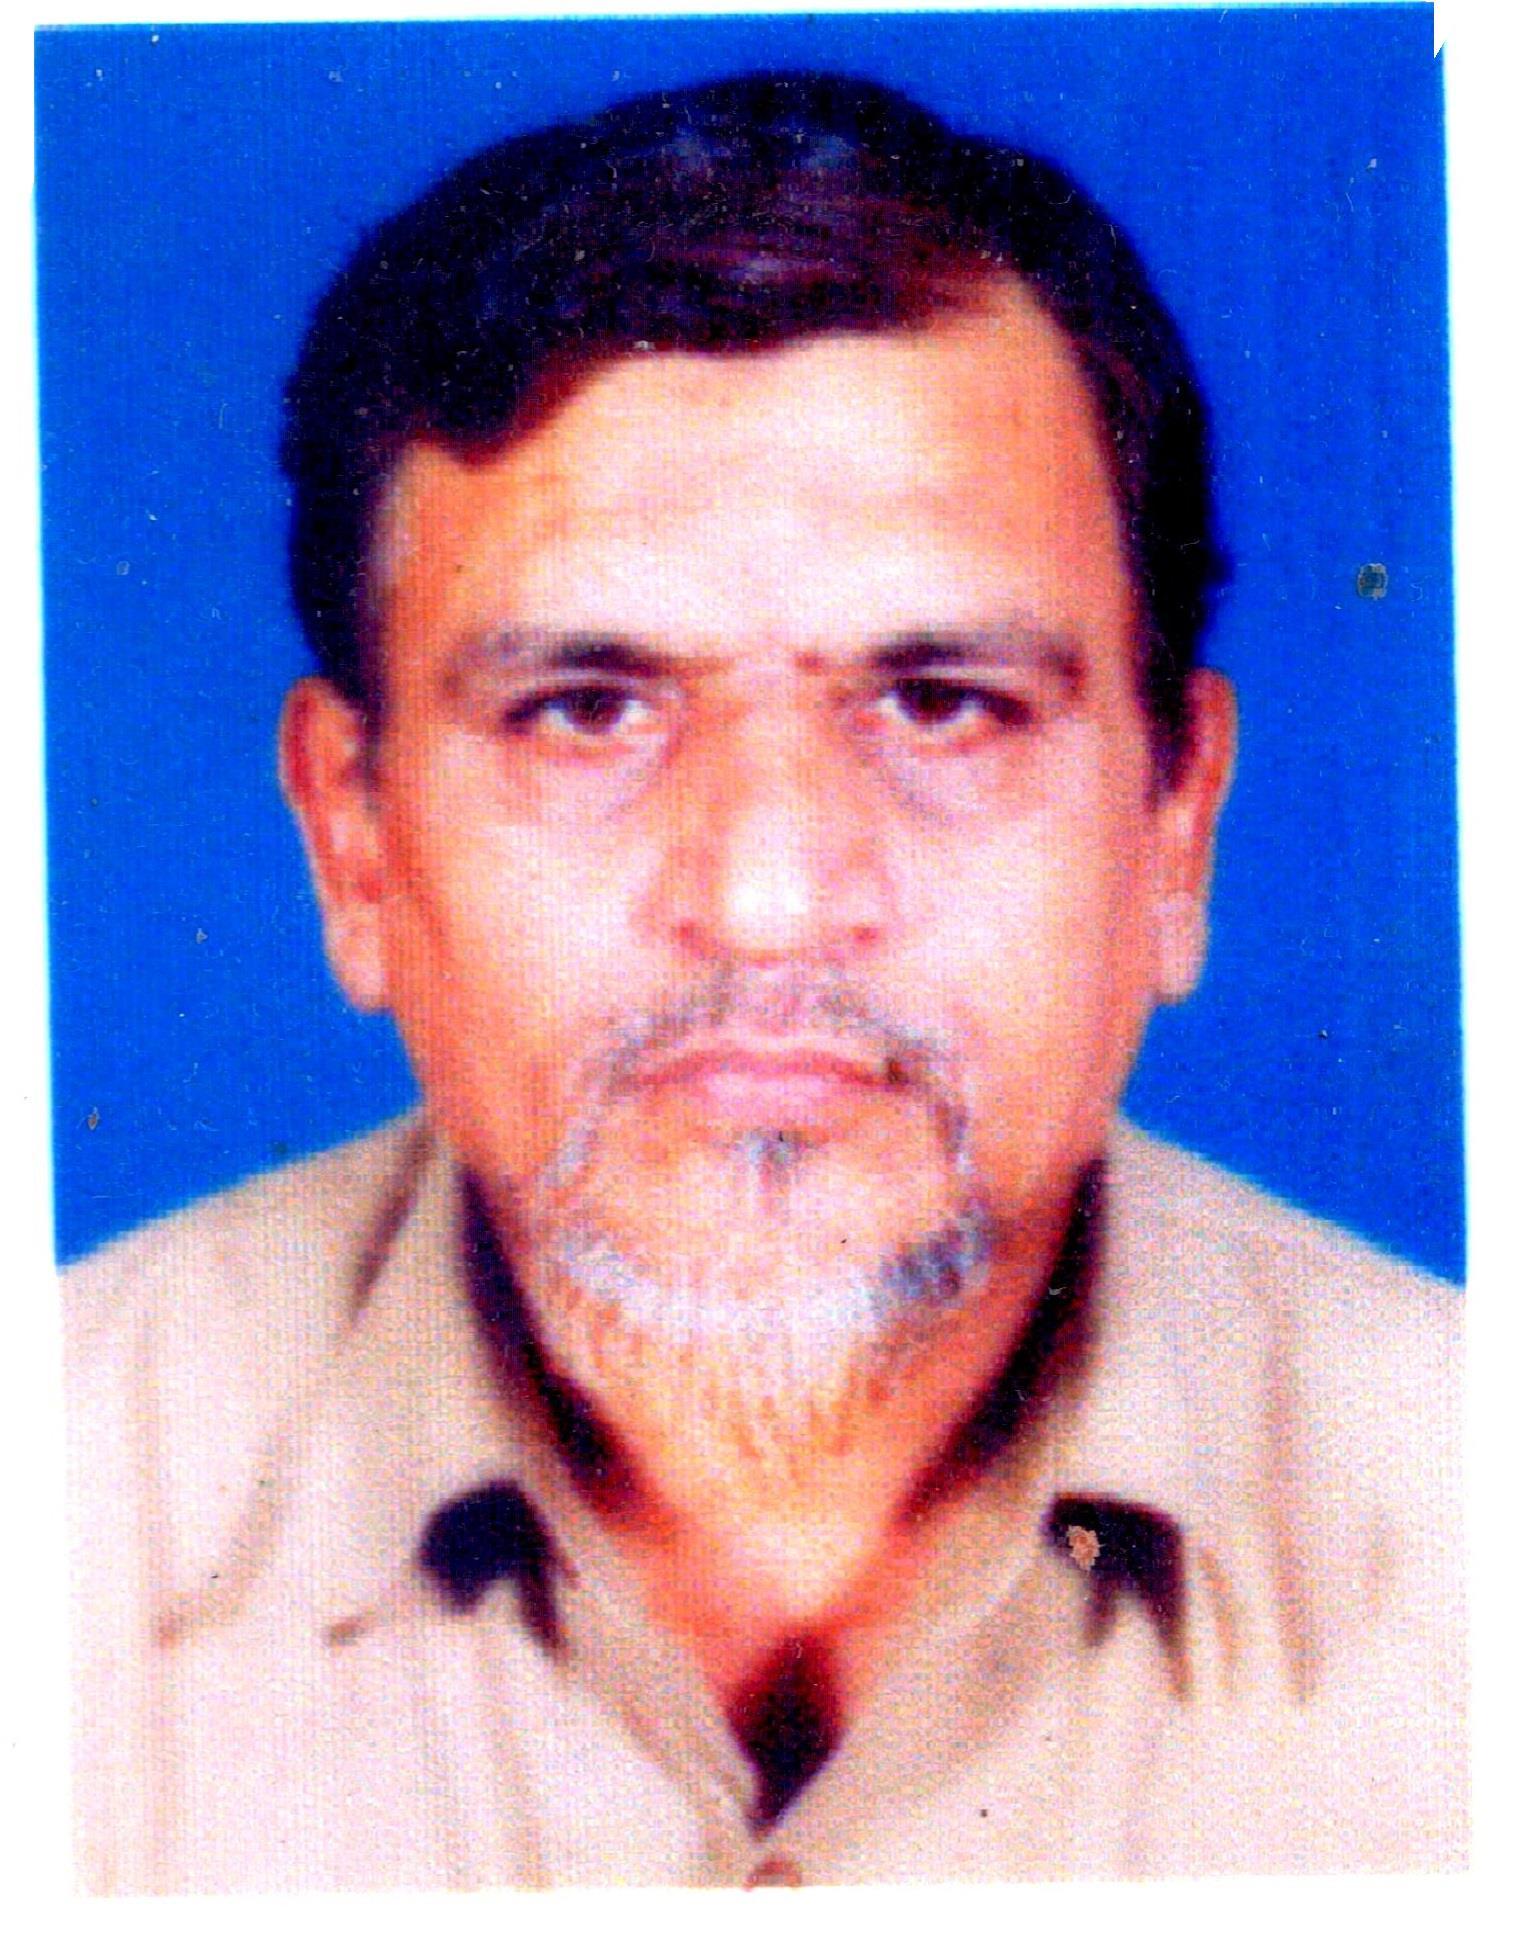 Mr. Ebrahim Resamwala